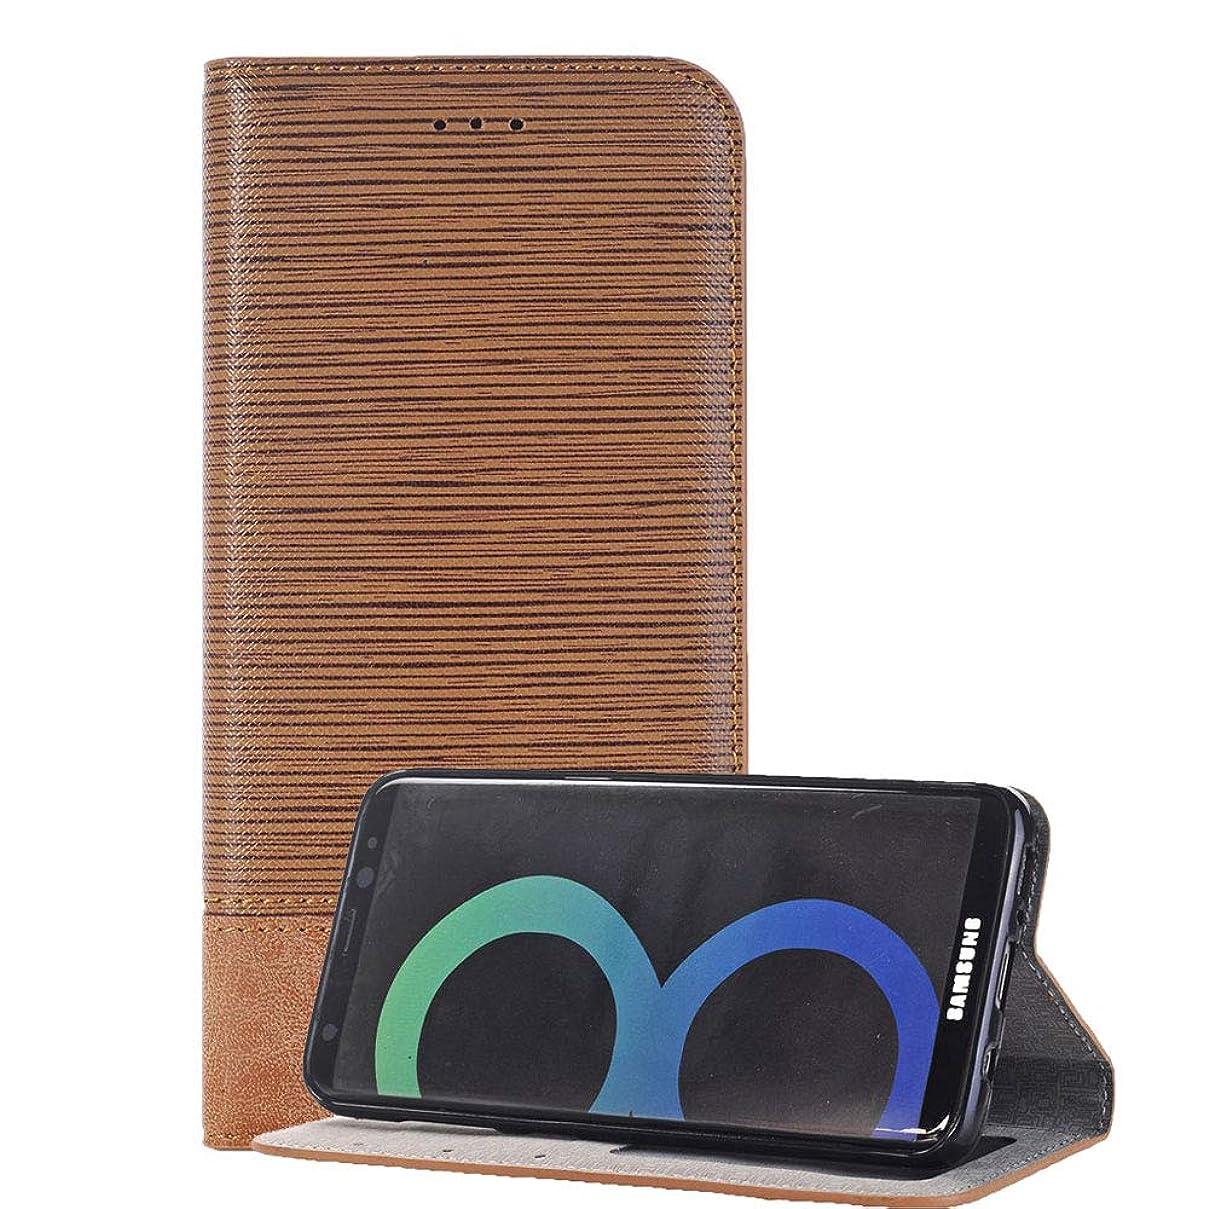 薬局外向き実行可能Samsung Galaxy S8 手帳型 ケース ギャラクシーs8 スマホケース カバー 脱着簡単 カードポケット 高品質 人気 おしゃれ カバー(ライトブラウン)